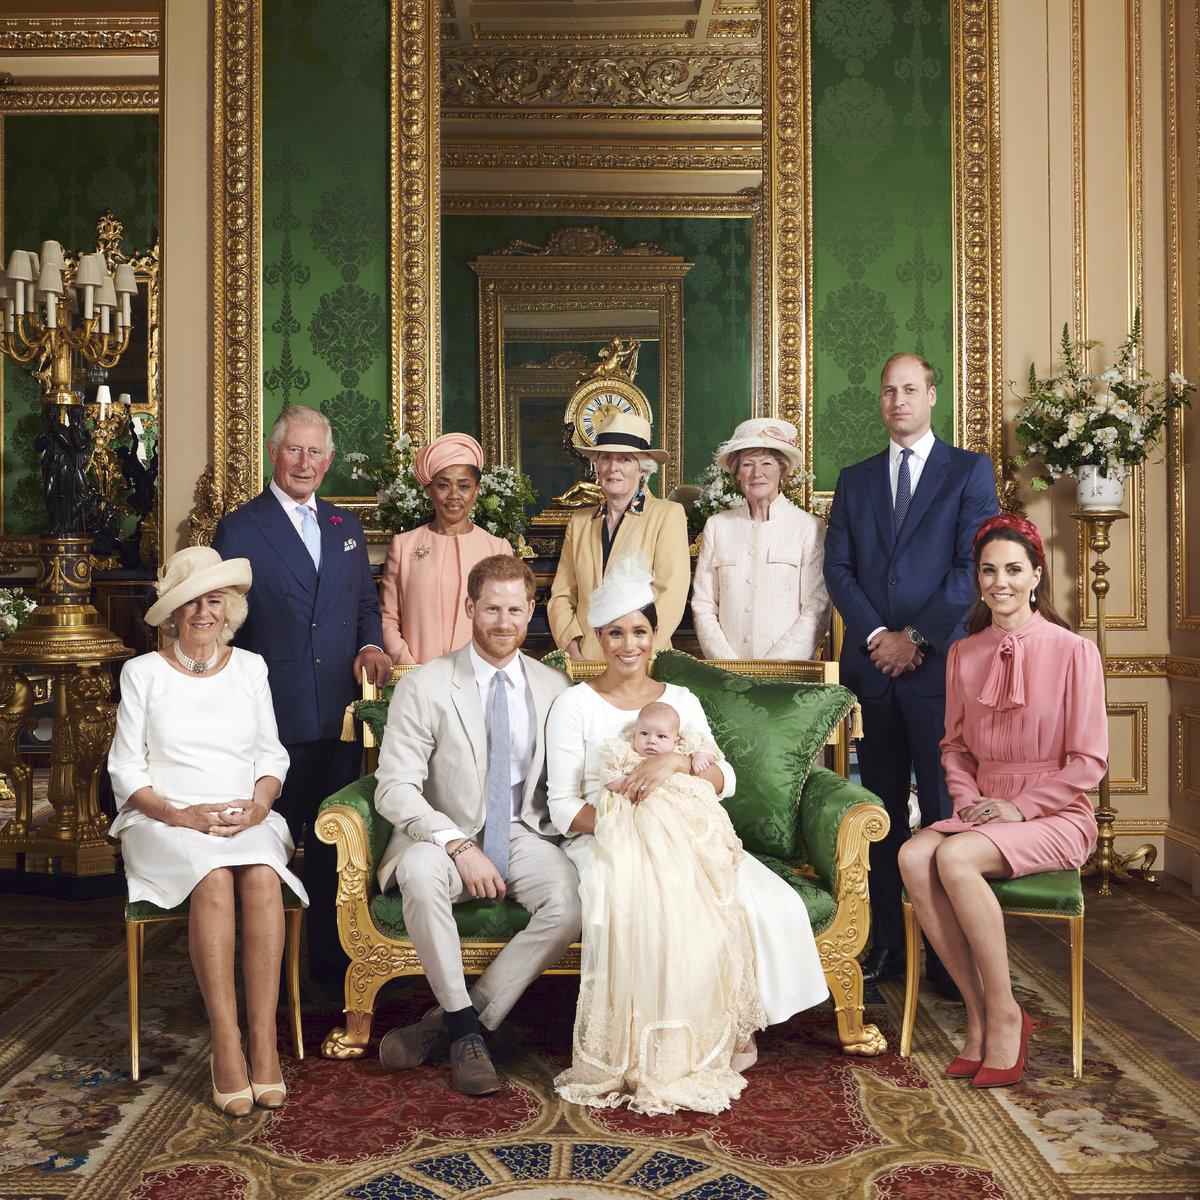 Oficiální fotografie ze křtu Archieho, nejmladšího člena královské rodiny.